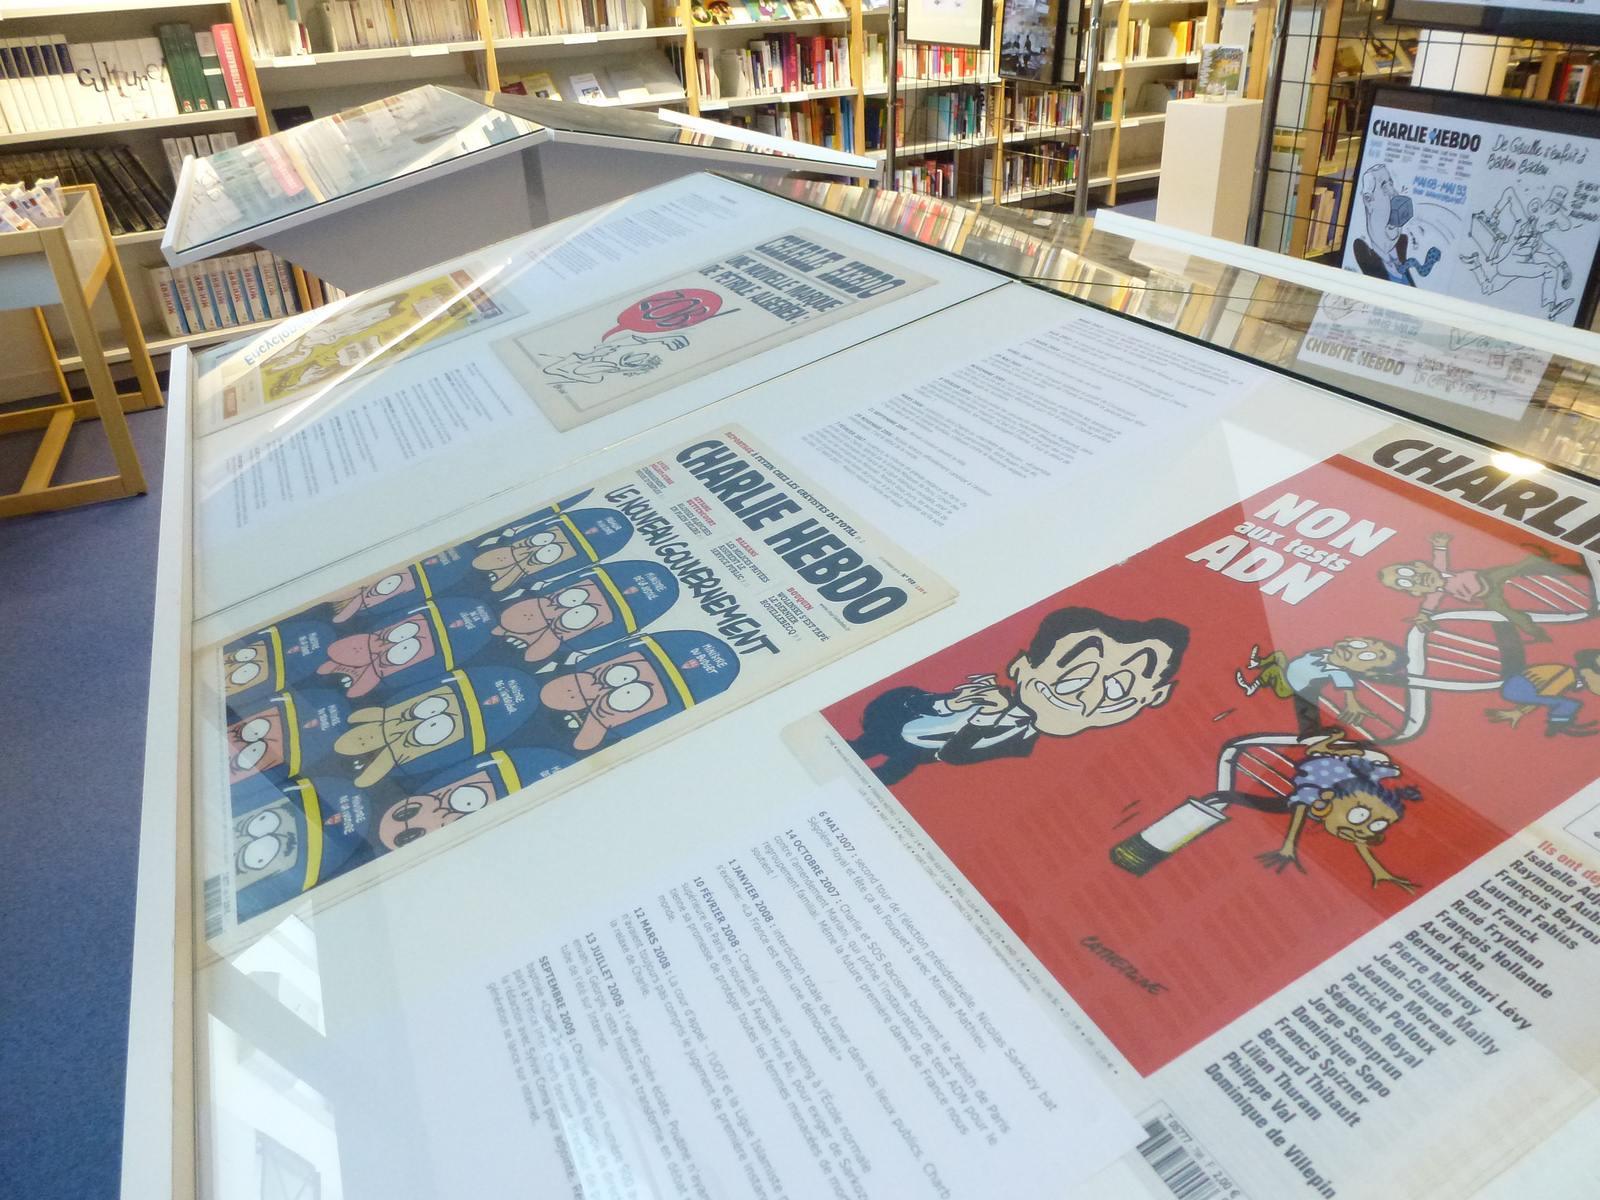 charlie hebdo exhibit7 Exhibition Charlie Hebdo at Quimperle